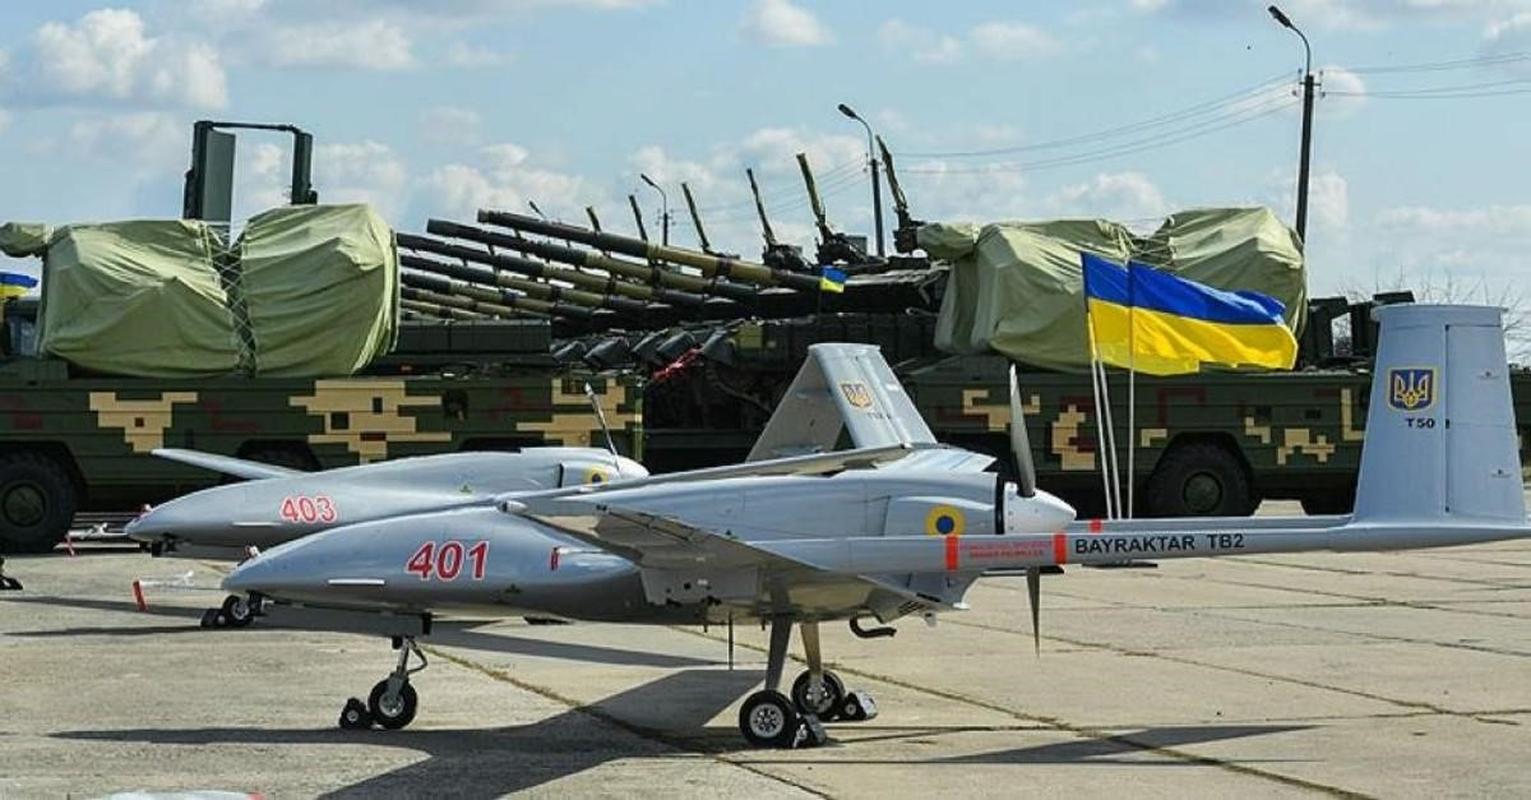 Ly khai mien Dong gap nguy khi Ukraine tang gap 3 quy mo phi doi Bayraktar TB2